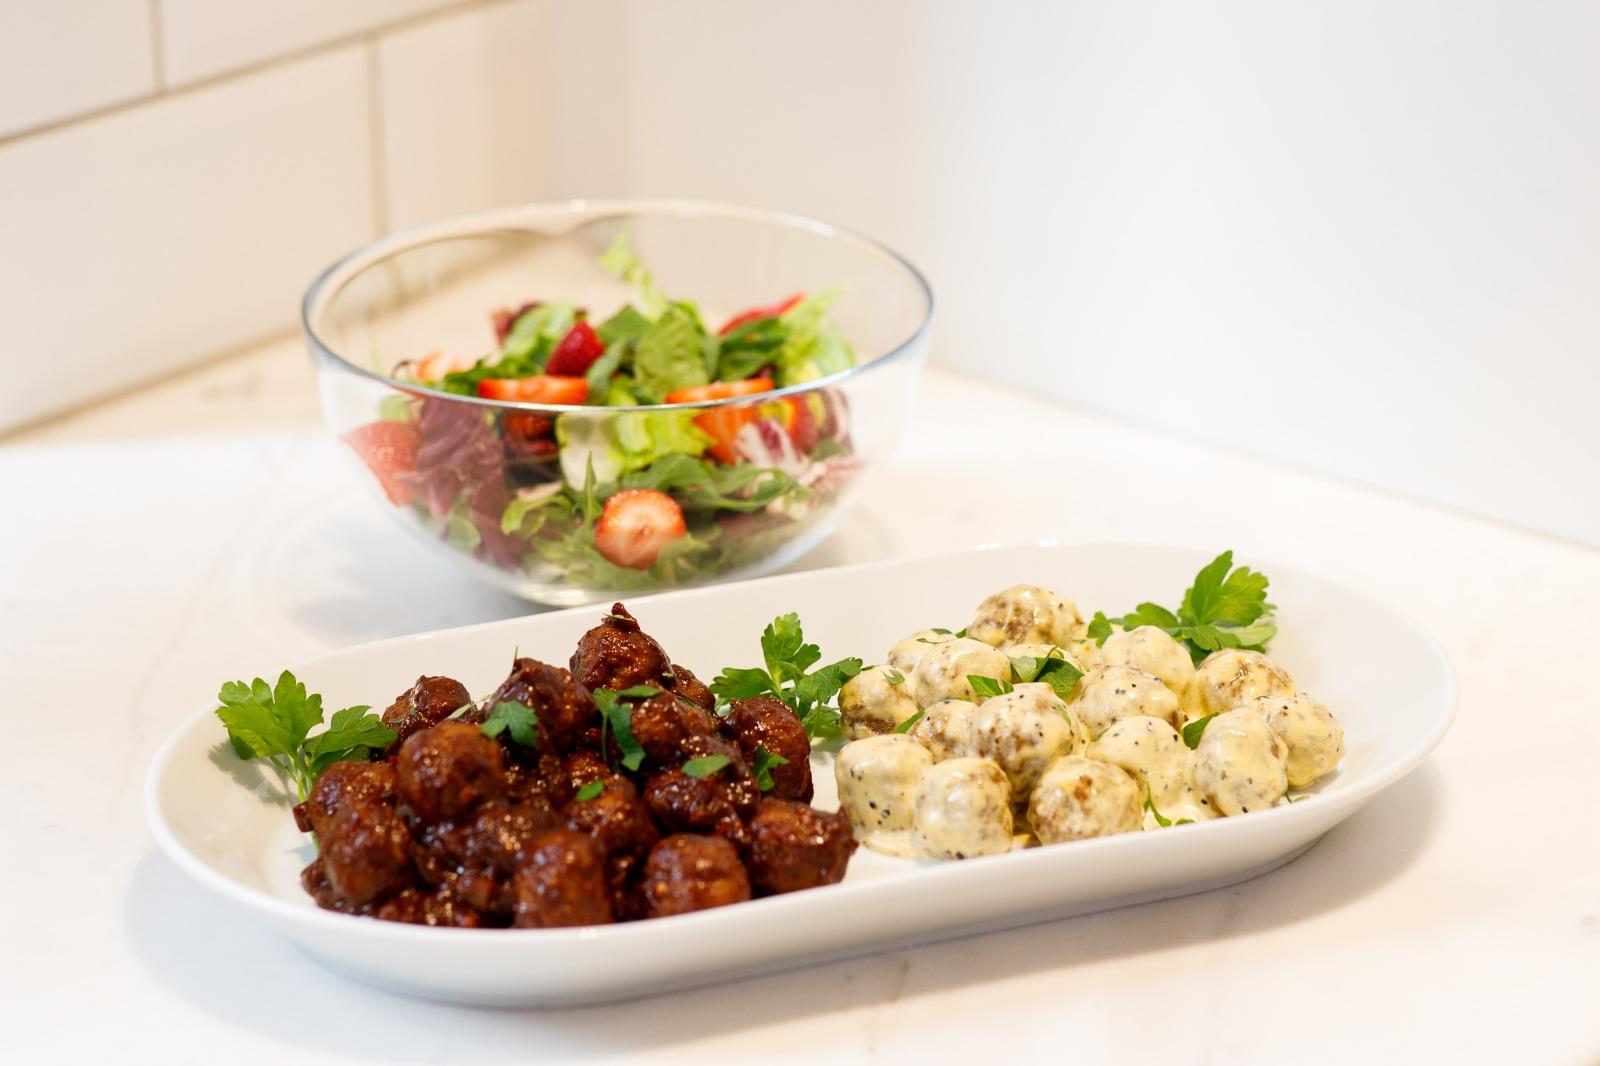 Lihapullat voit tarjoilla hyvin joko arkiruokana tai juhlissa esimerkiksi salaatin lisukkeena. Valitse kastikkeeksi makean tulinen bbq-kastike tai kermainen pippurikastike.